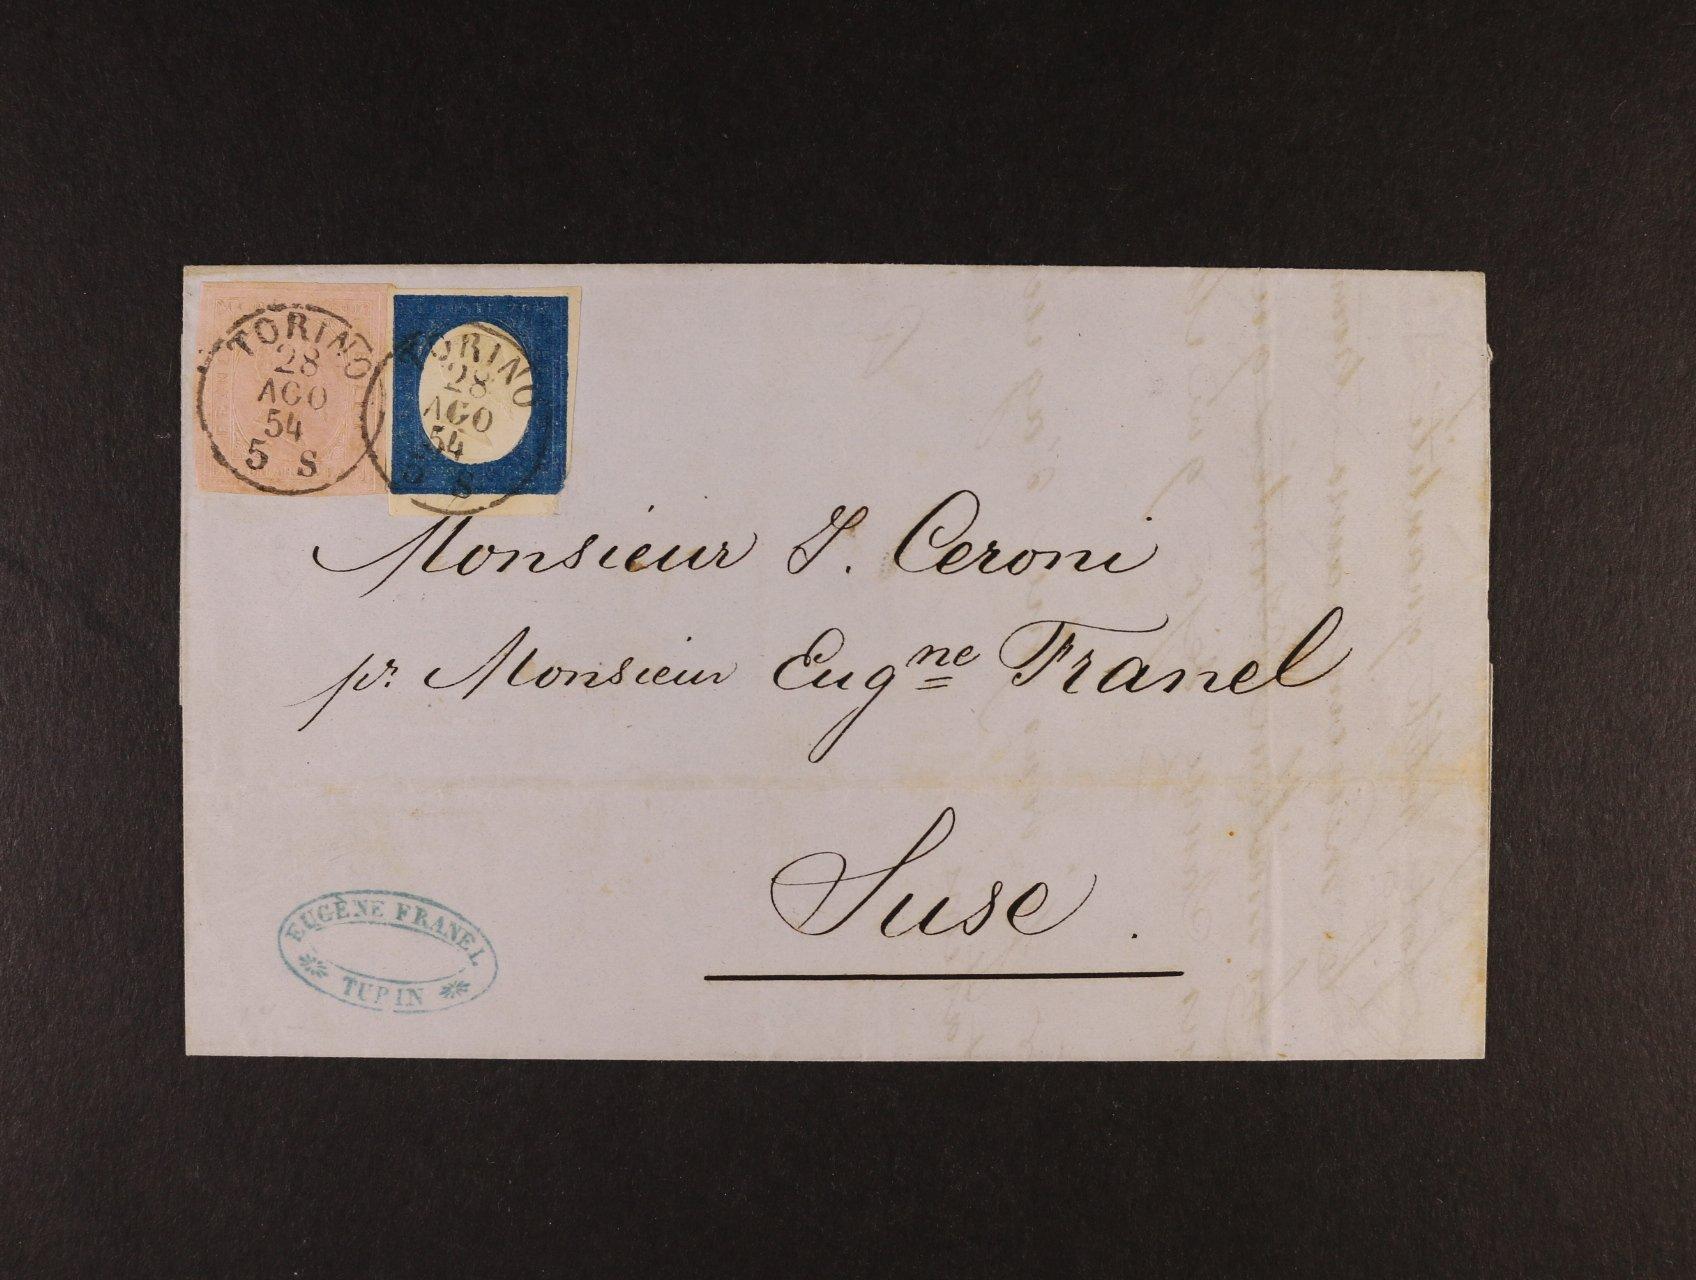 Sardinie - skl. firemní dopis z r. 1854 z Torina do Susa, frank. smíš. frankaturou dvou emisí II + III, Sas. č. 6 40c růžová + Sas. č. 8 20c modrá, pod. raz. TORINO 28.AGO.54, přích. raz., atest Dr. Helmuth Avi, 35000 EUR